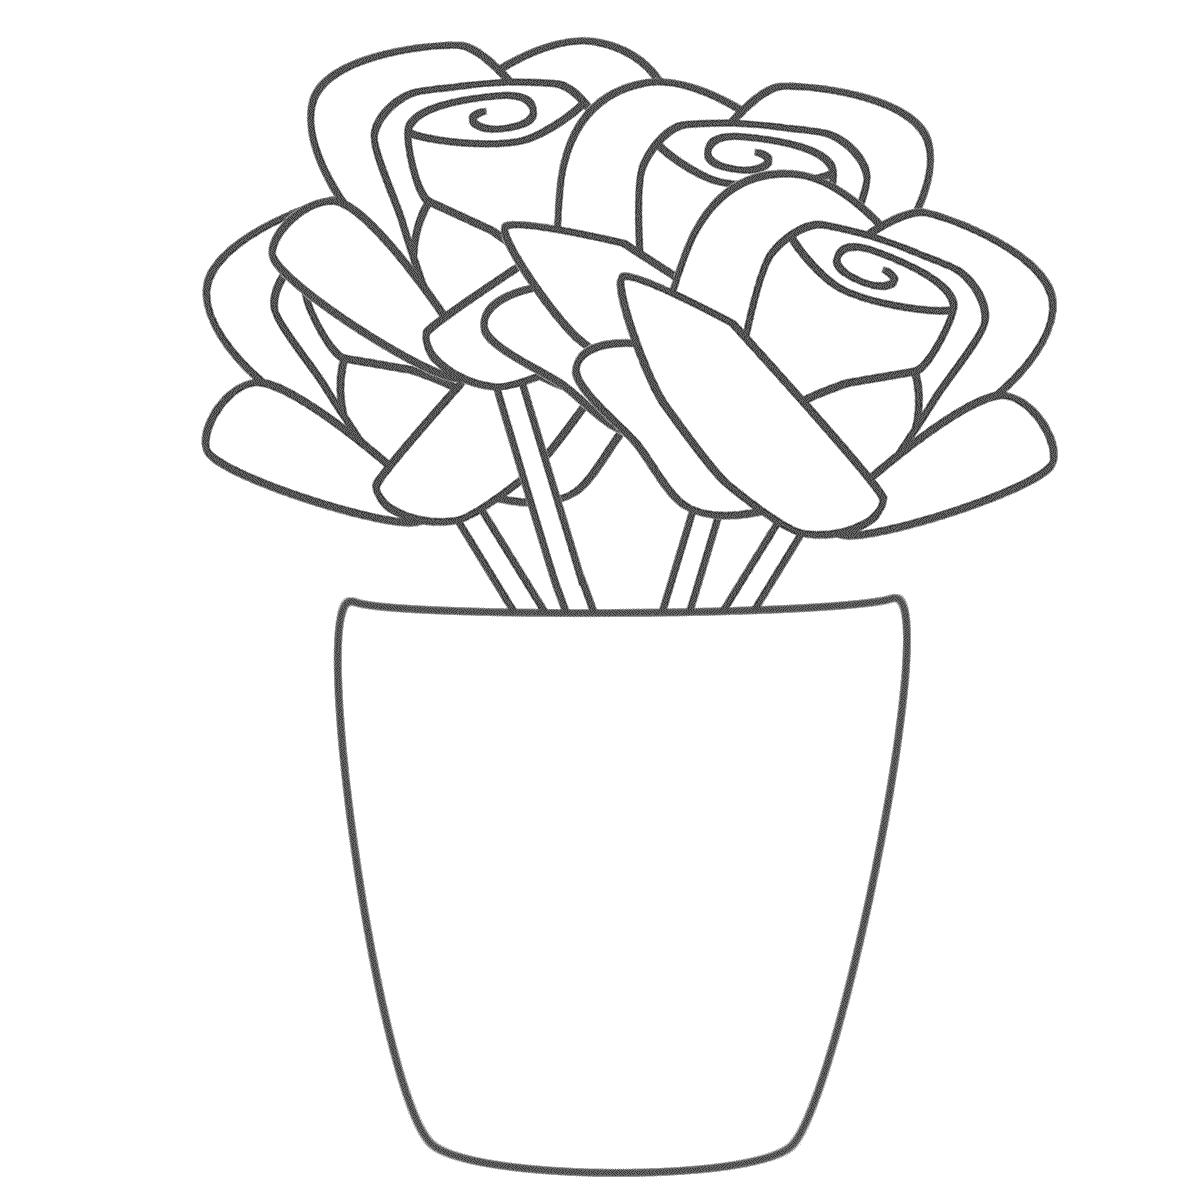 Desenho De Vaso Com Ramo De Rosas Para Colorir